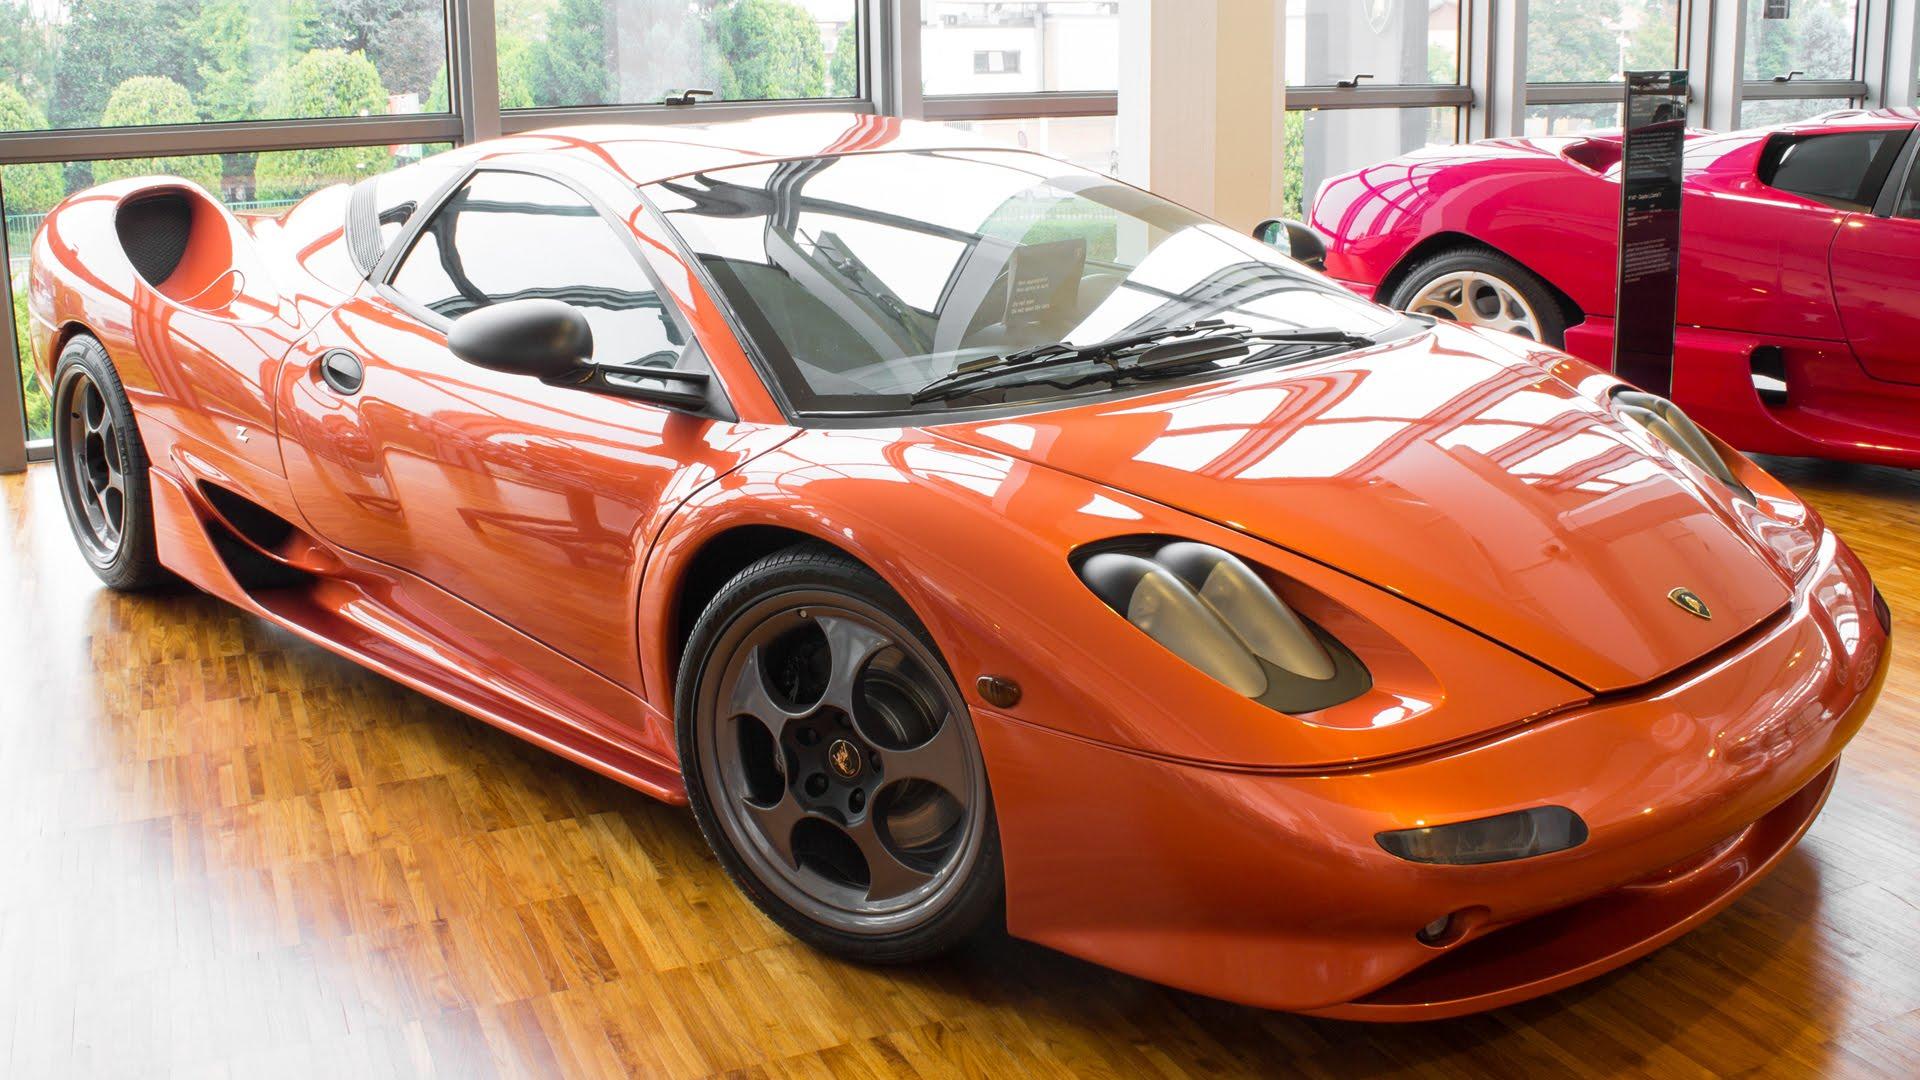 The Rare Lamborghini P147 Canto Zagato